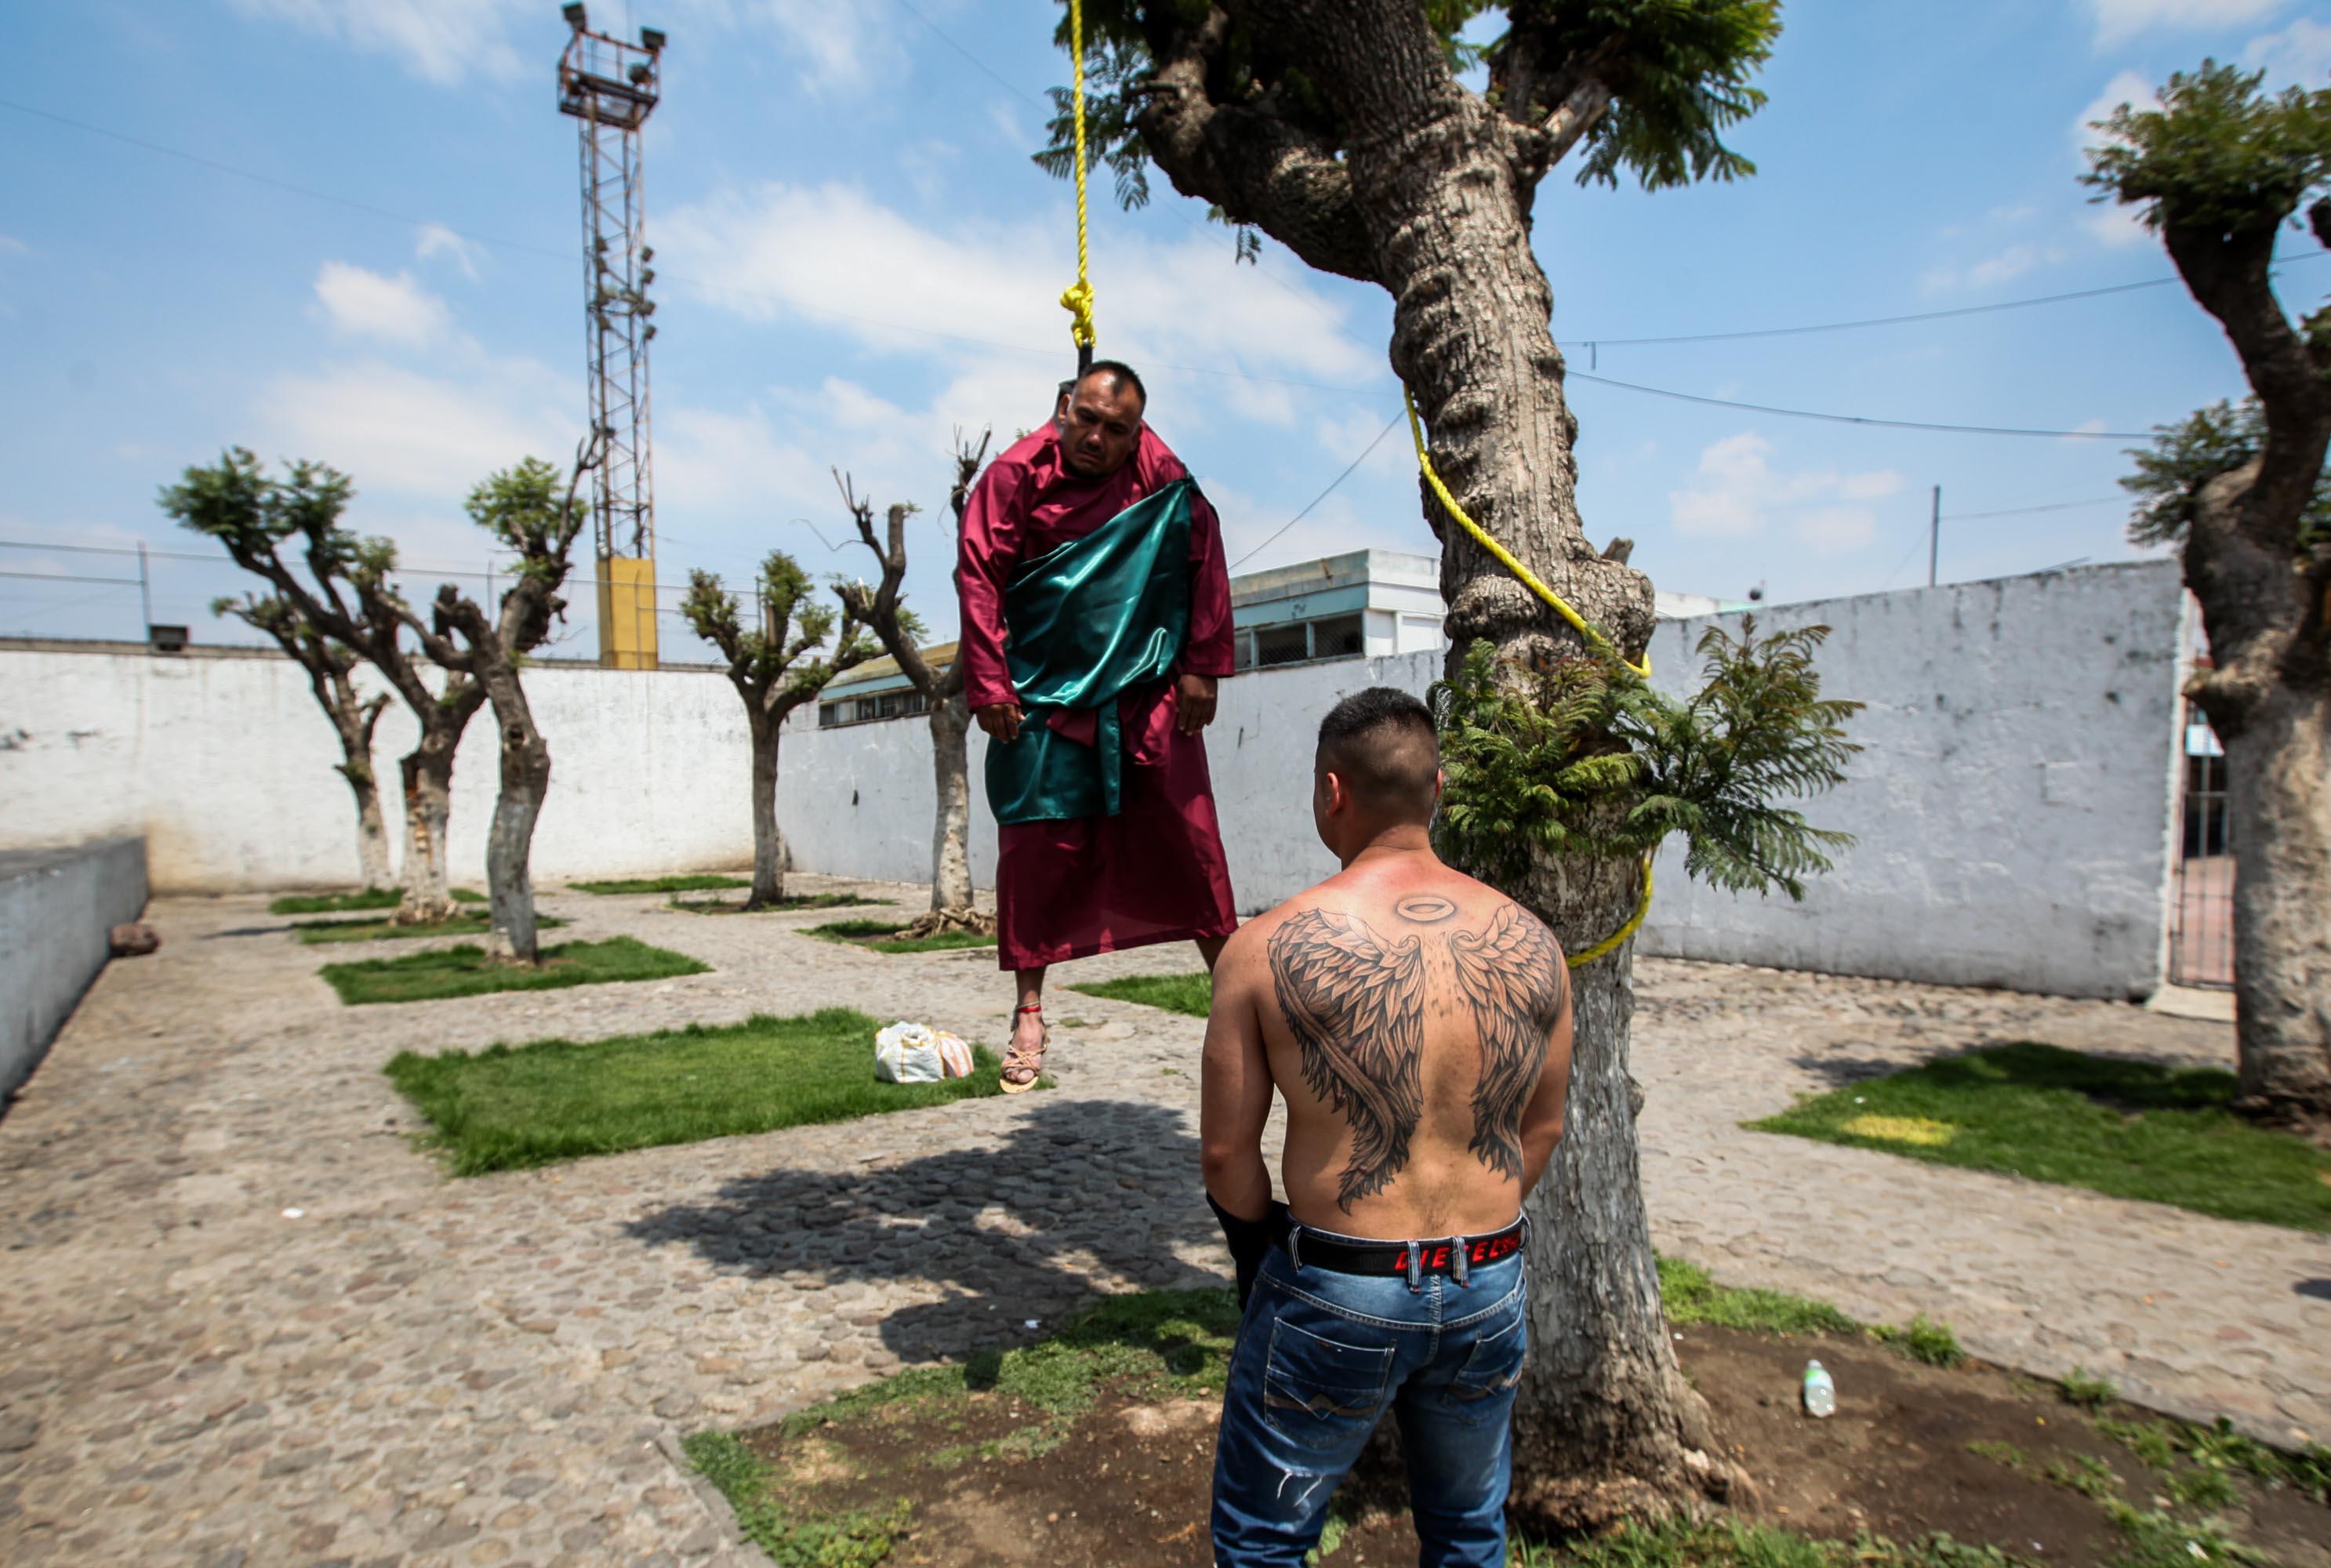 Viacrucis en cárceles de la Ciudad de México - Viacrucis en cárceles de la Ciudad de México